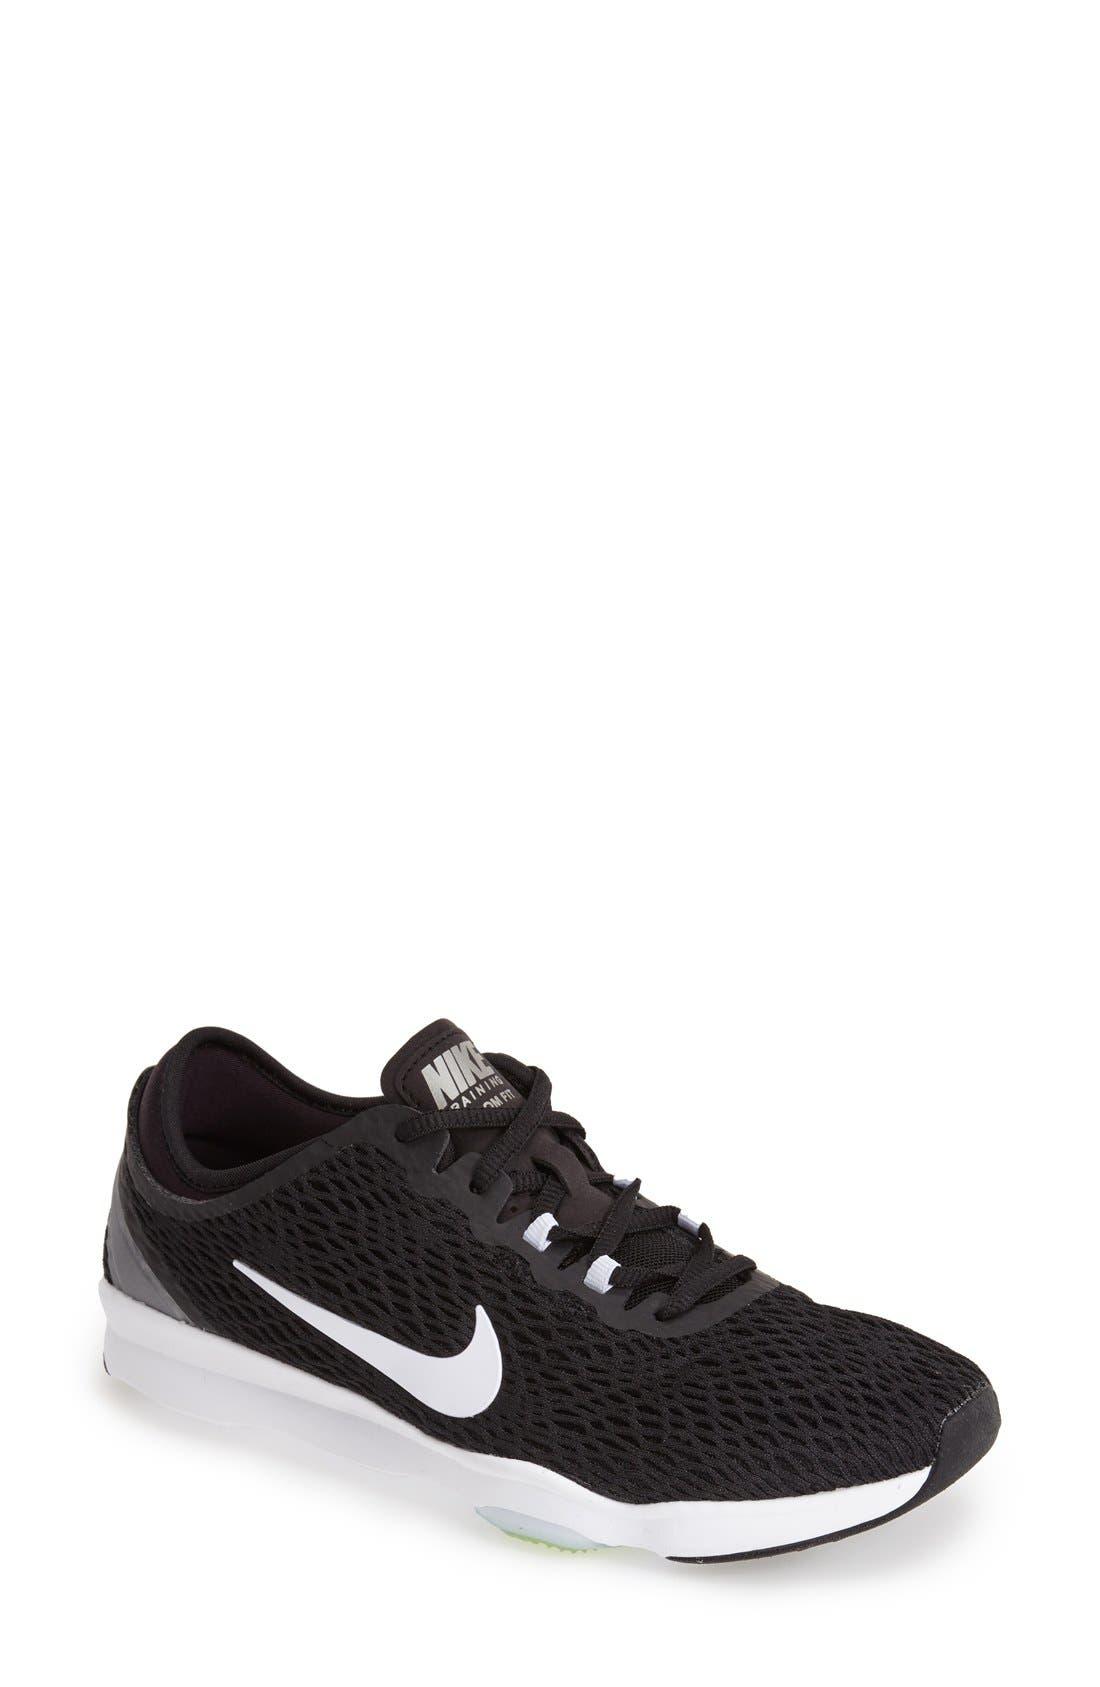 Main Image - Nike 'Zoom Fit' Mesh Training Shoe (Women)